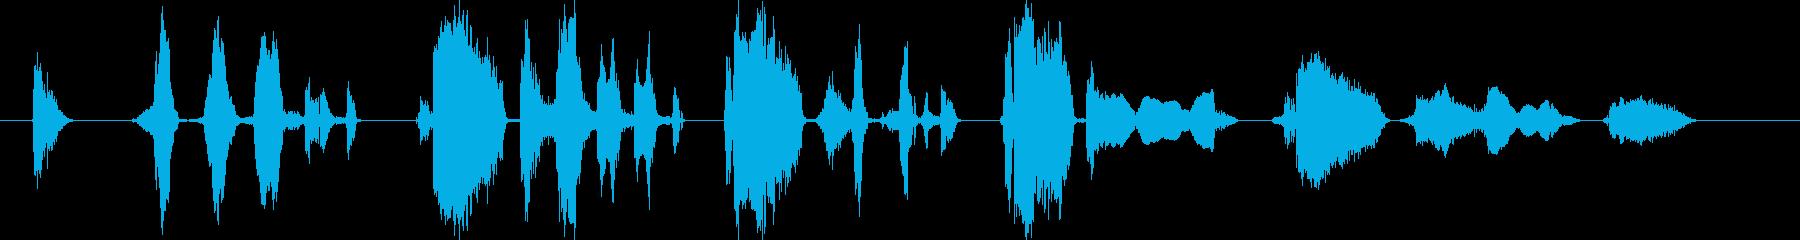 あははは、あははははは、ふふっ、ふふふ…の再生済みの波形